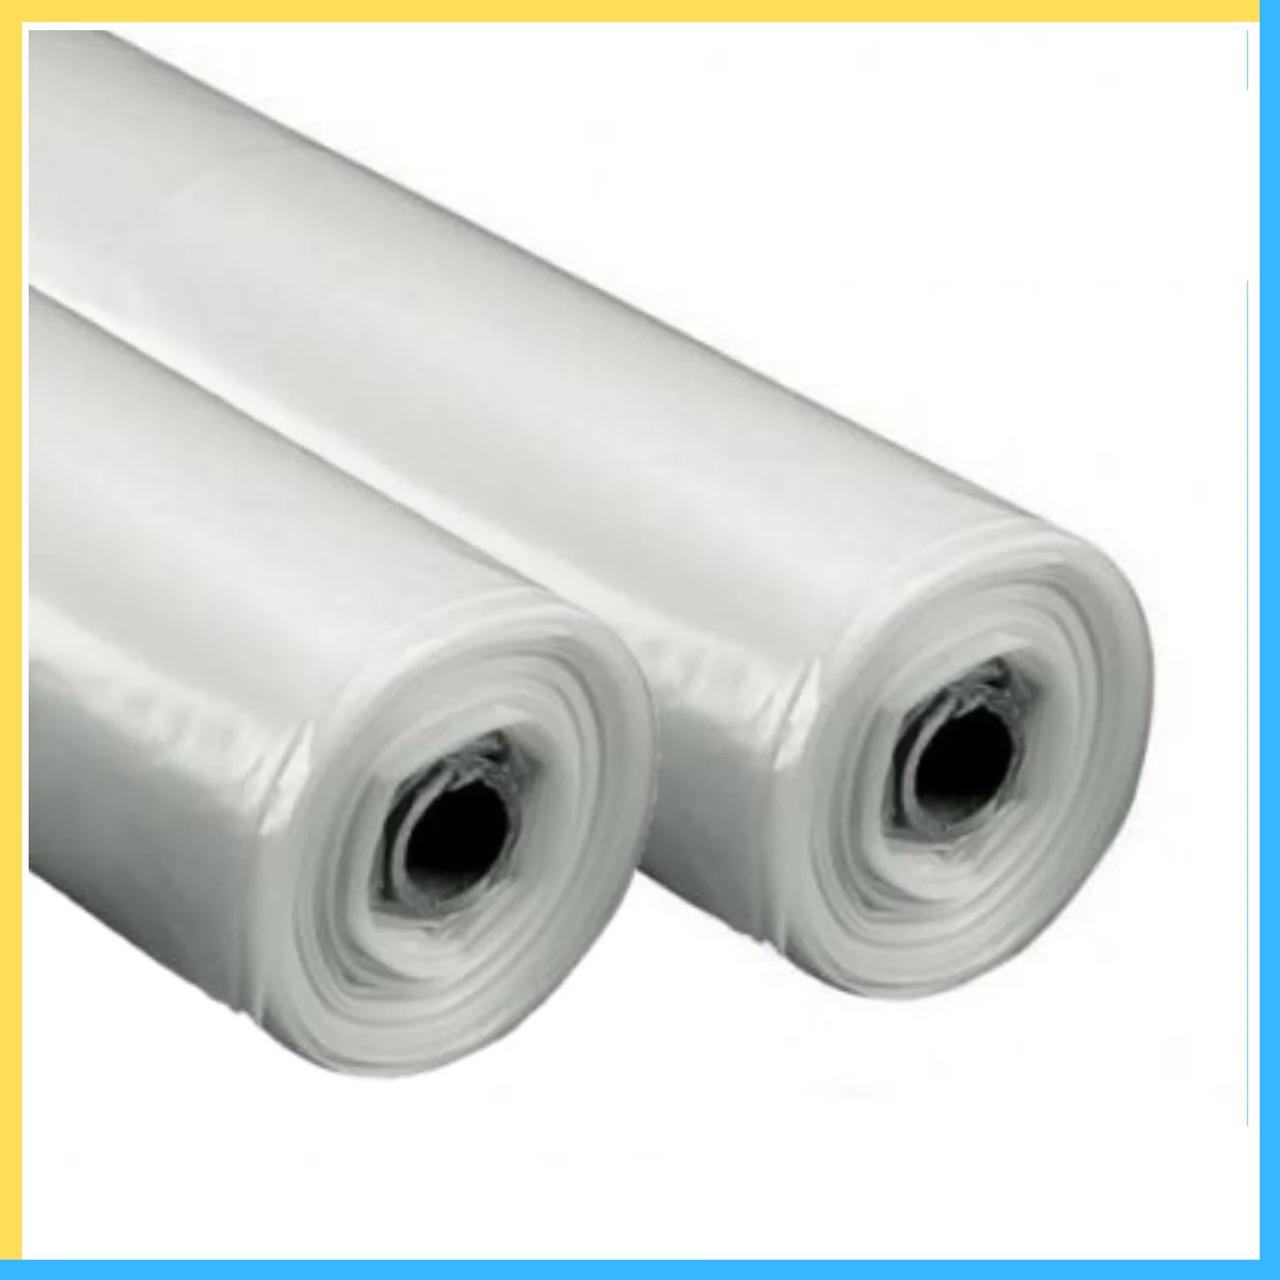 Пленка белая 80 мкм (3м*100 м.) прозрачная, полиэтиленовая